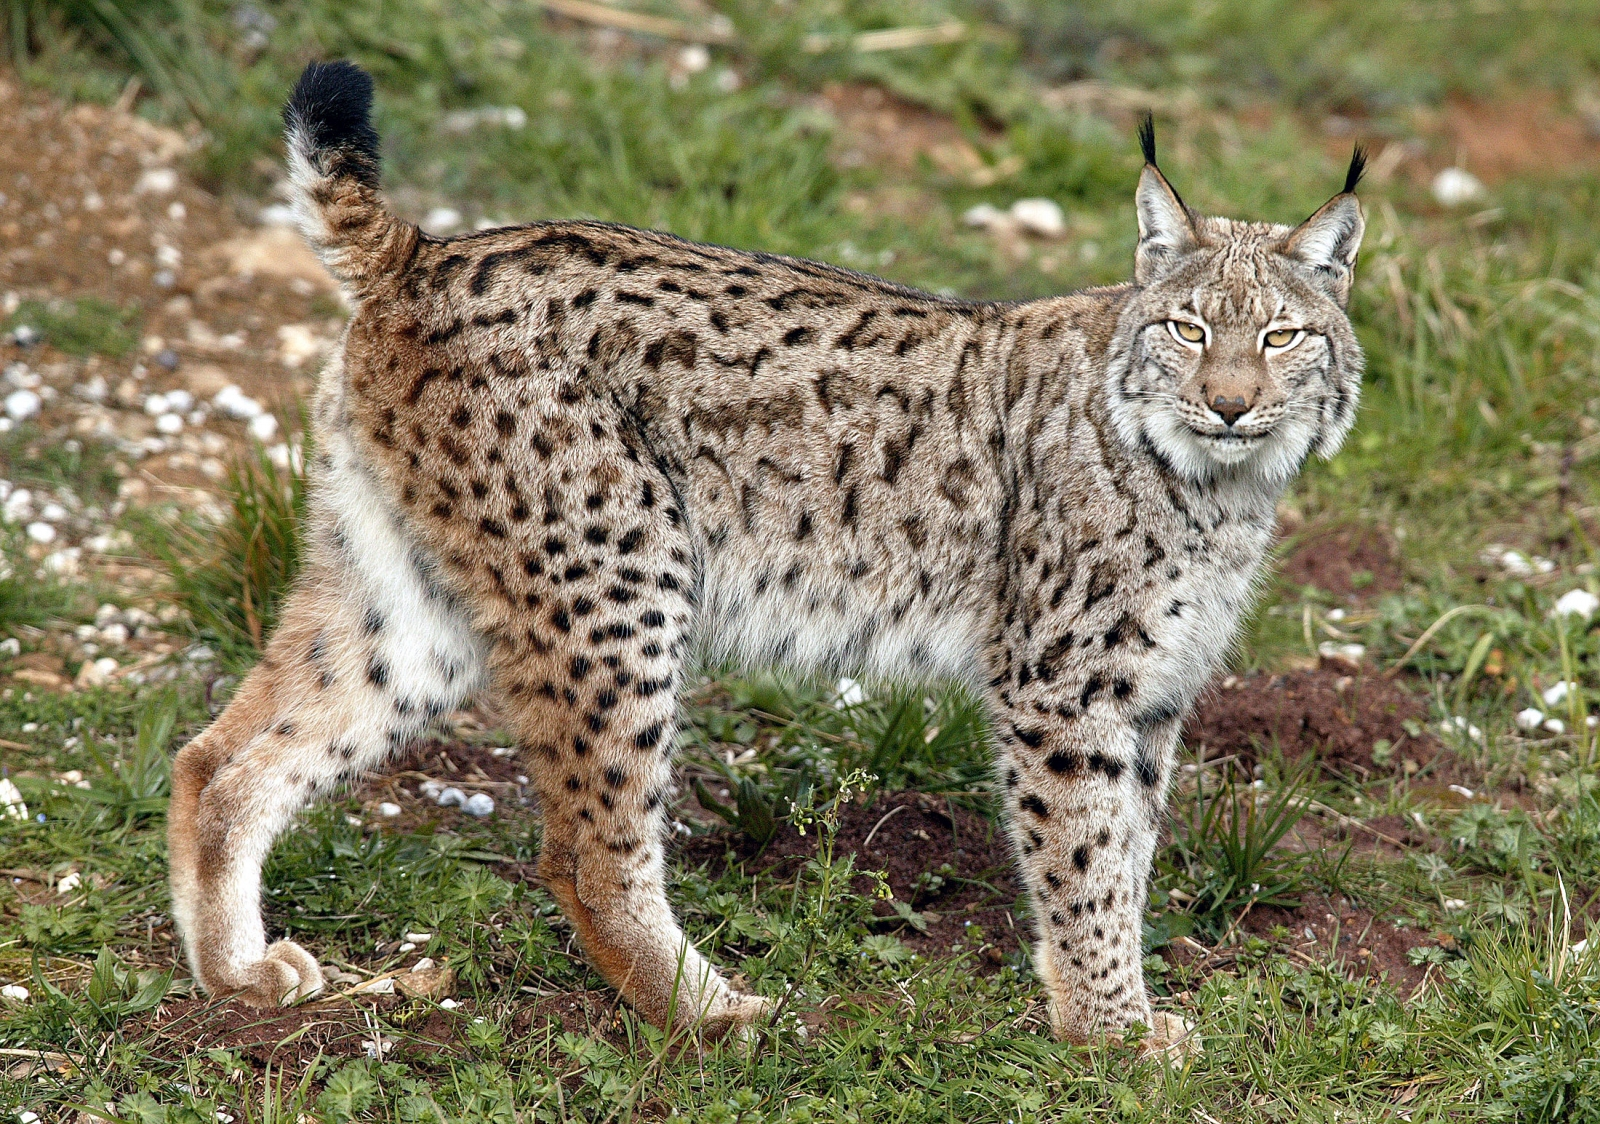 A Eurasian lynx